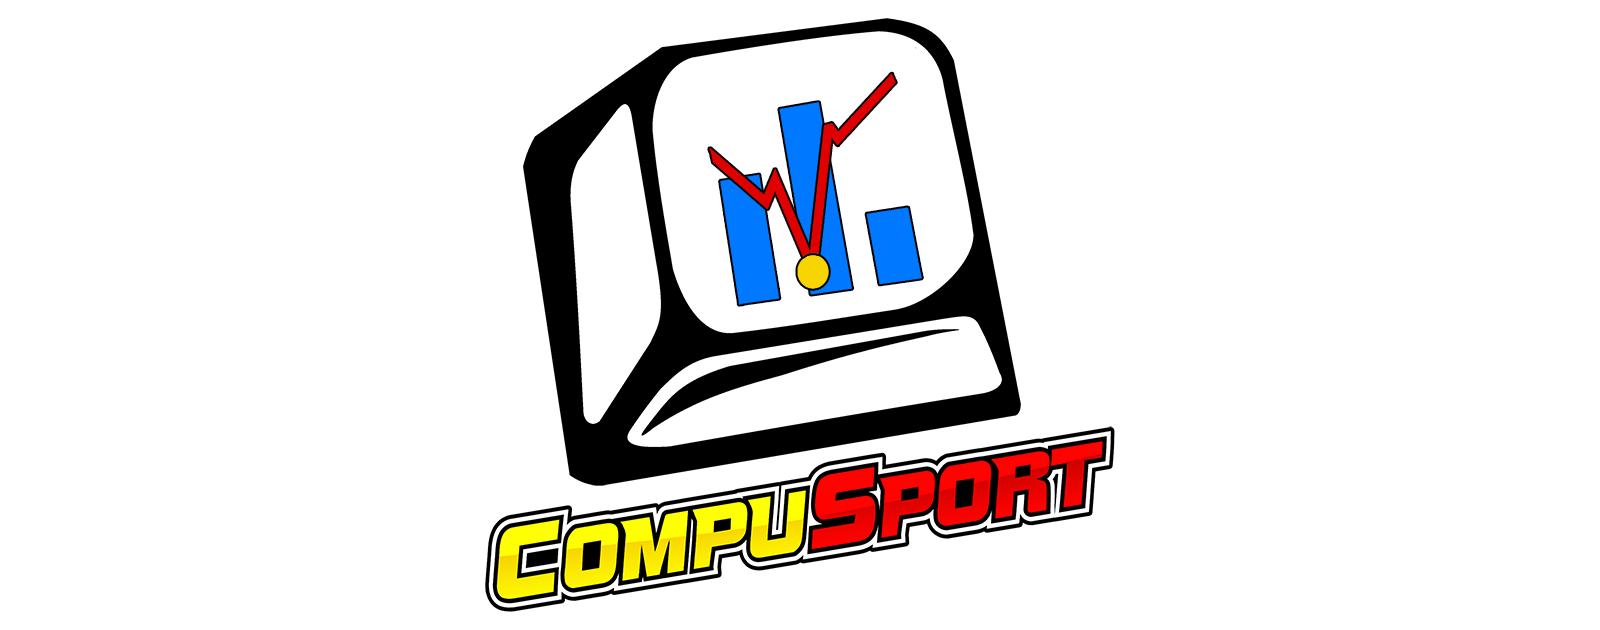 (c) Compusport.us